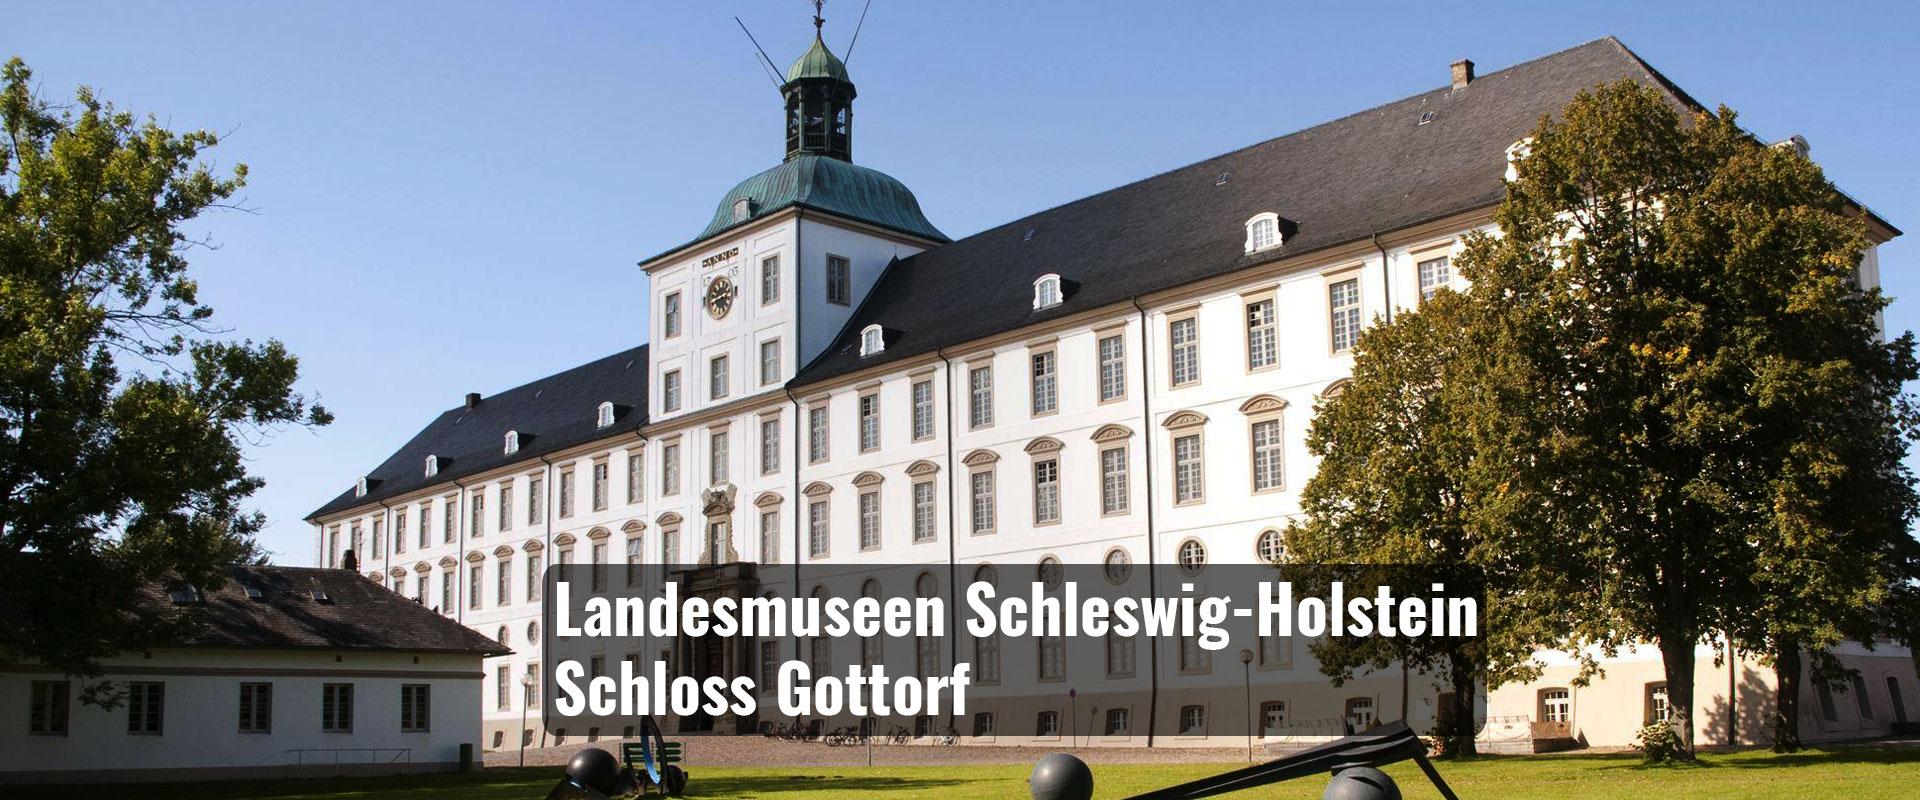 Landesmuseen Schloss Gottorf